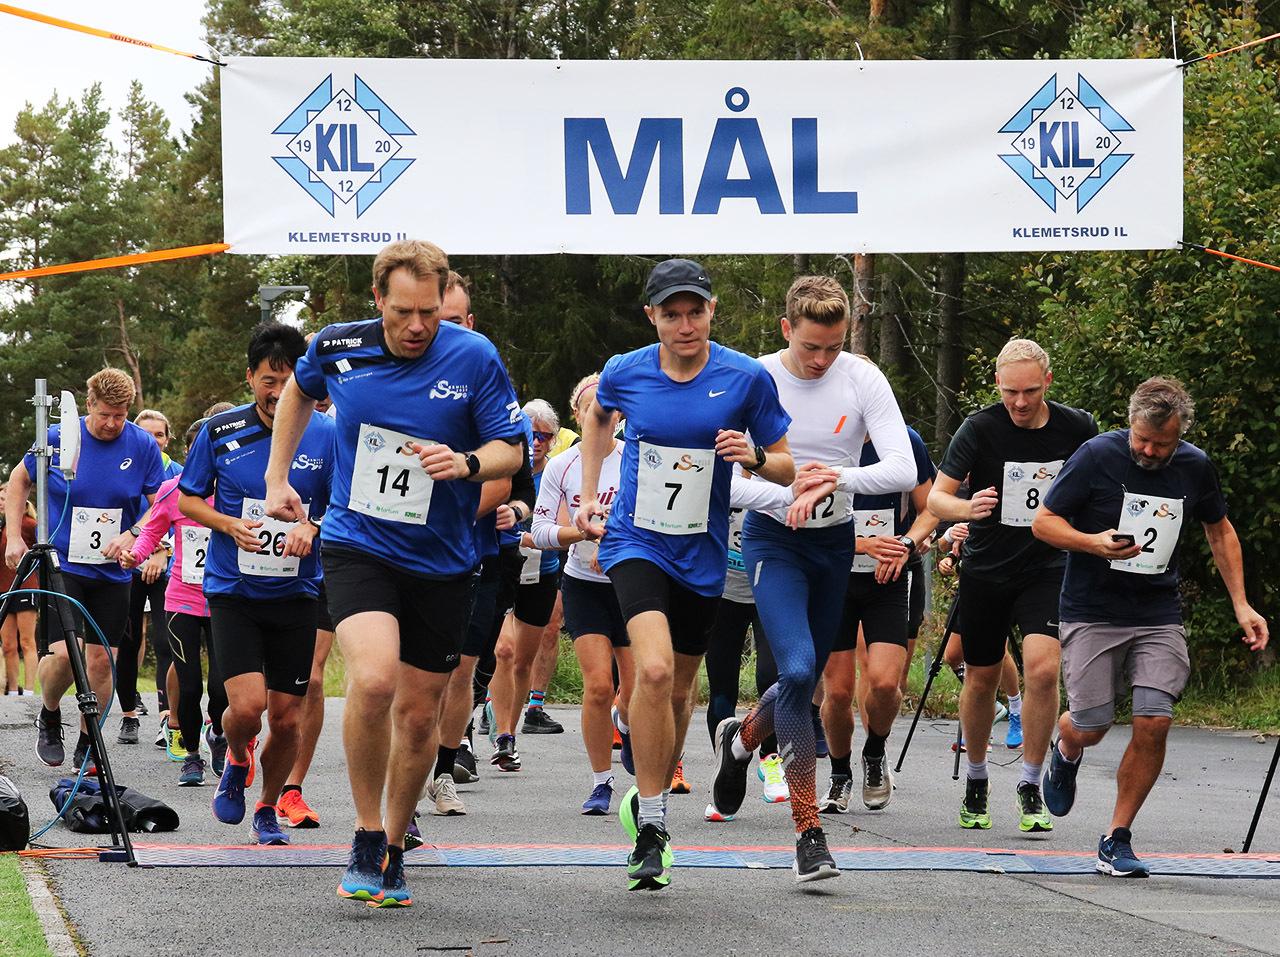 Start_halvmaraton_4S7A4125.jpg